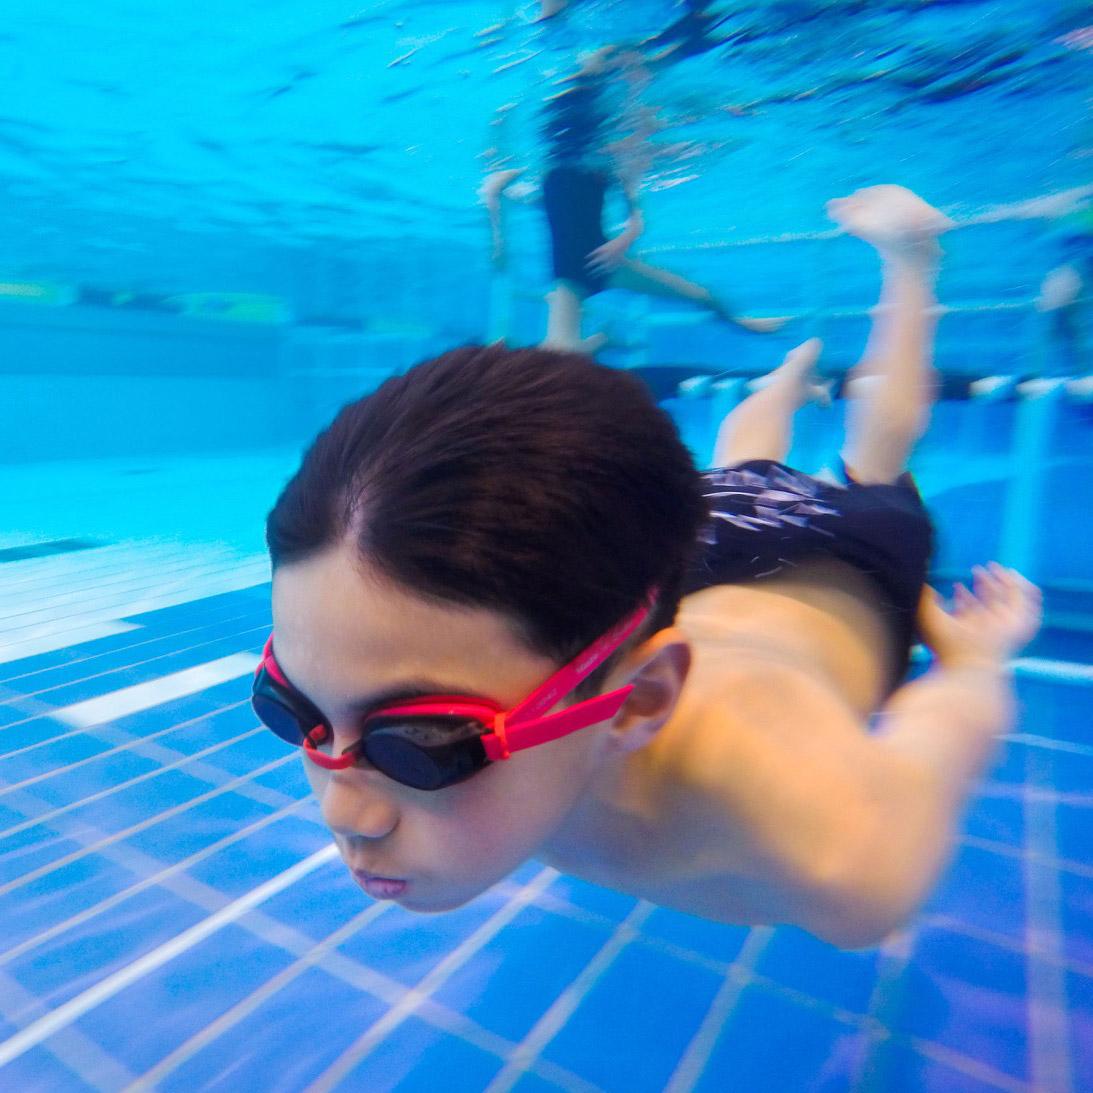 Boy swimming under water.